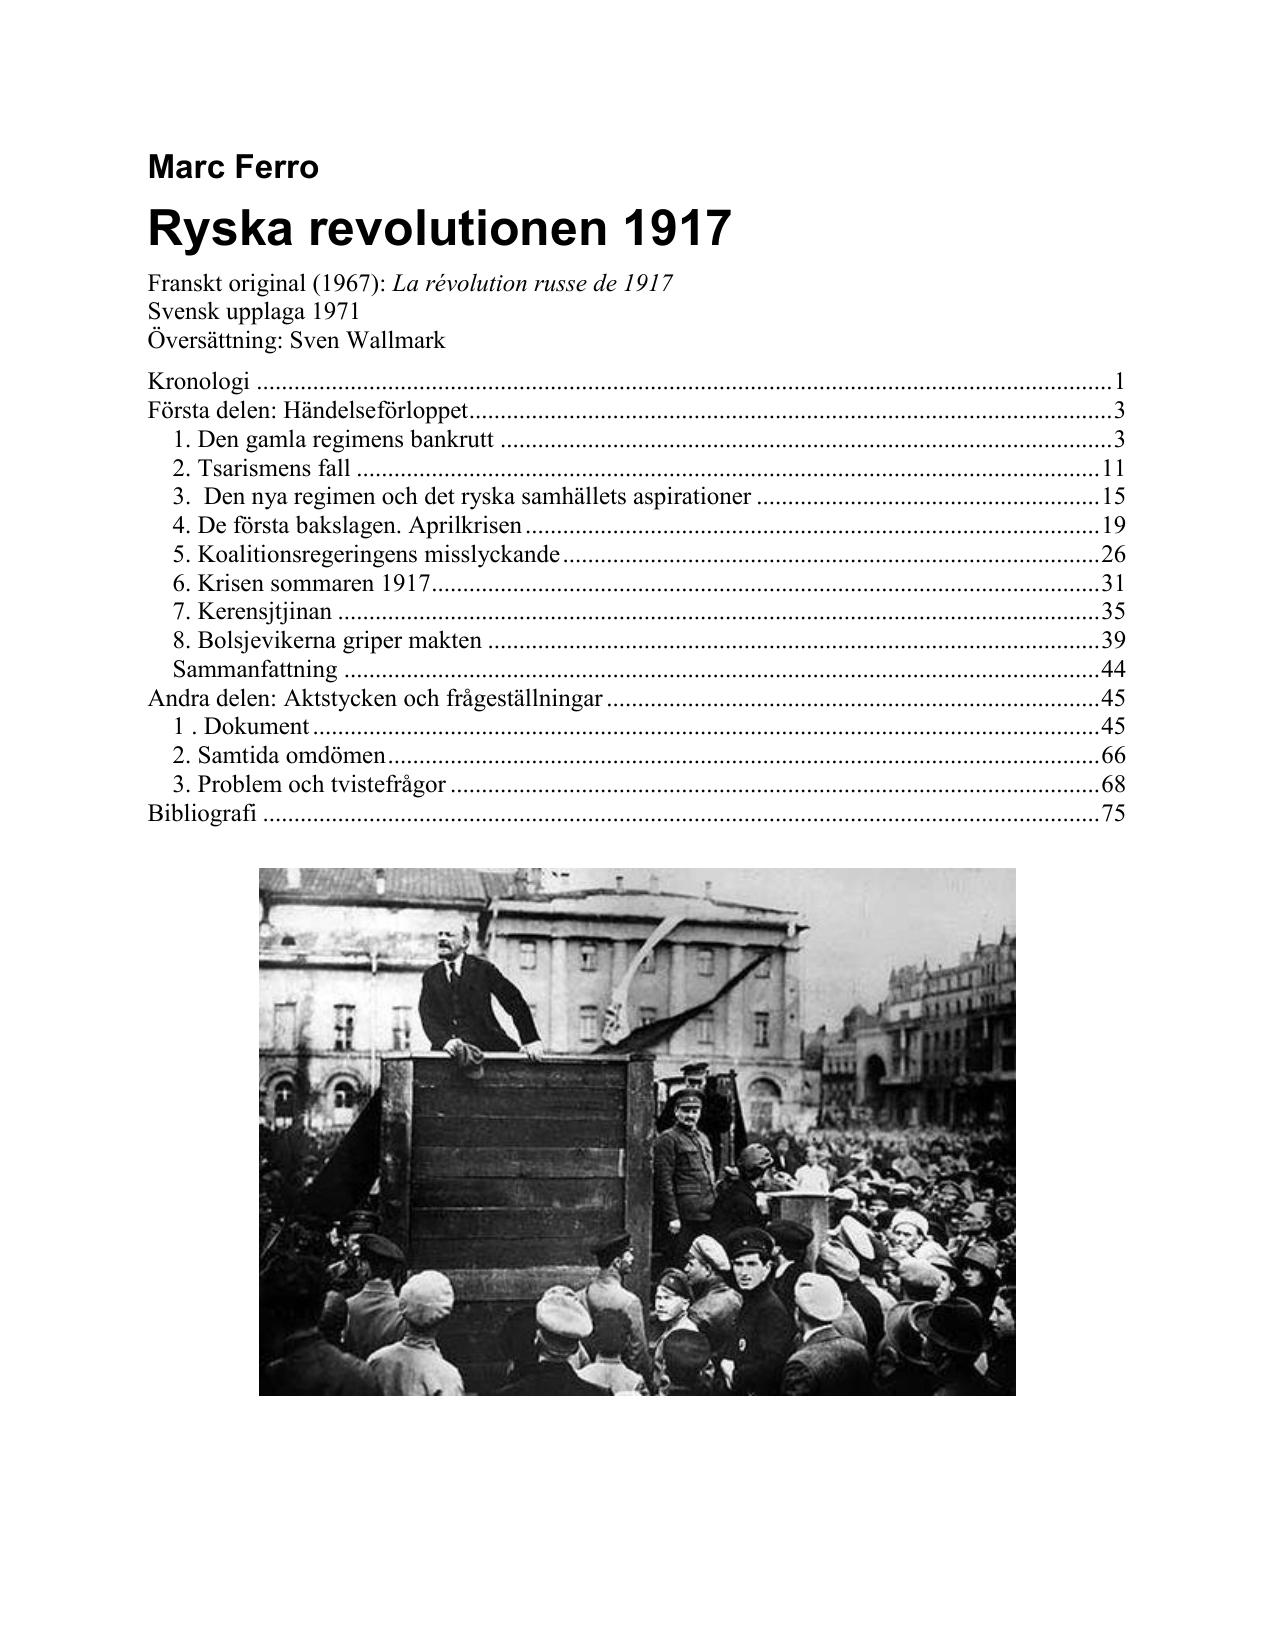 Kirgiser sade ja till ny konstitution